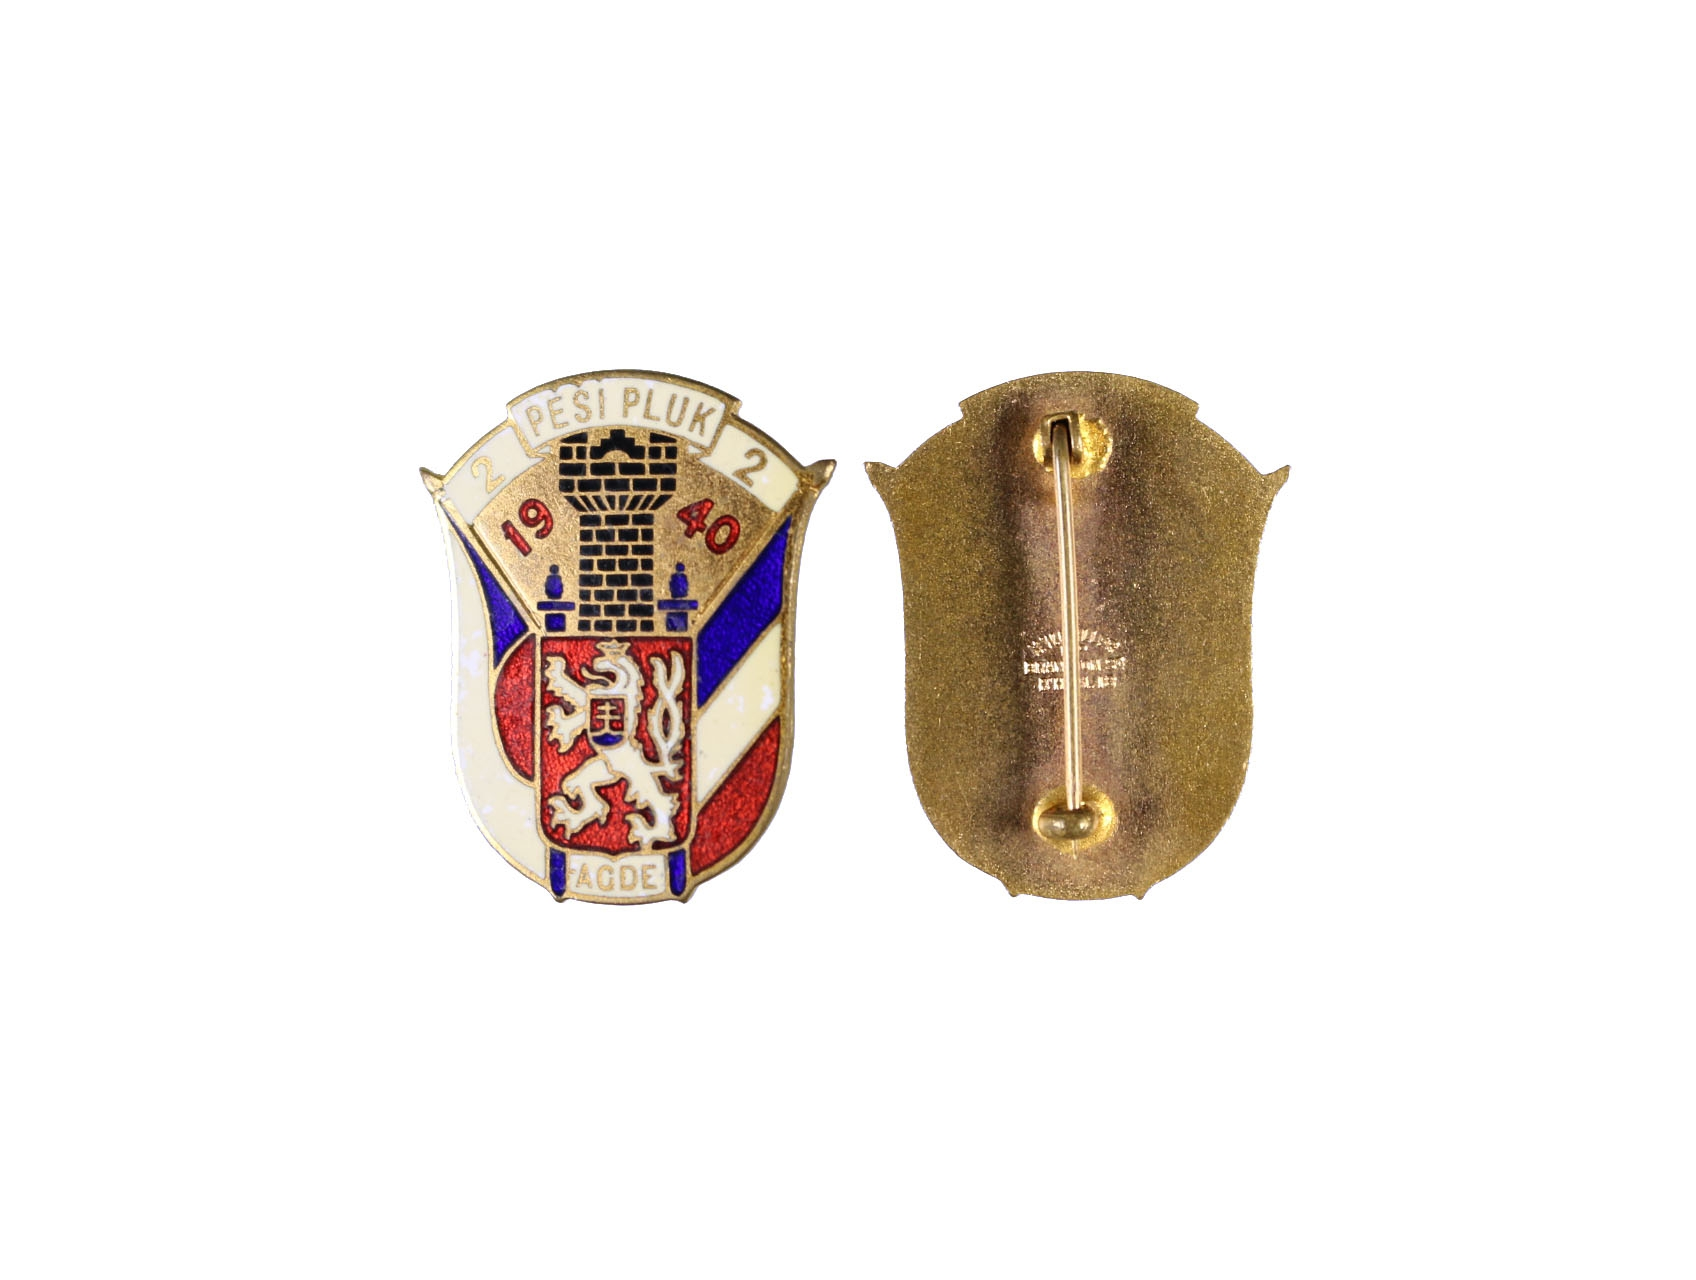 Pamětní odznak 2. pěšího pluku AGDE, smaltovaný, výrobce H.W.Miller Velká Británie, obecný kov pozlacený, smalty, rozměry 37x30 mm